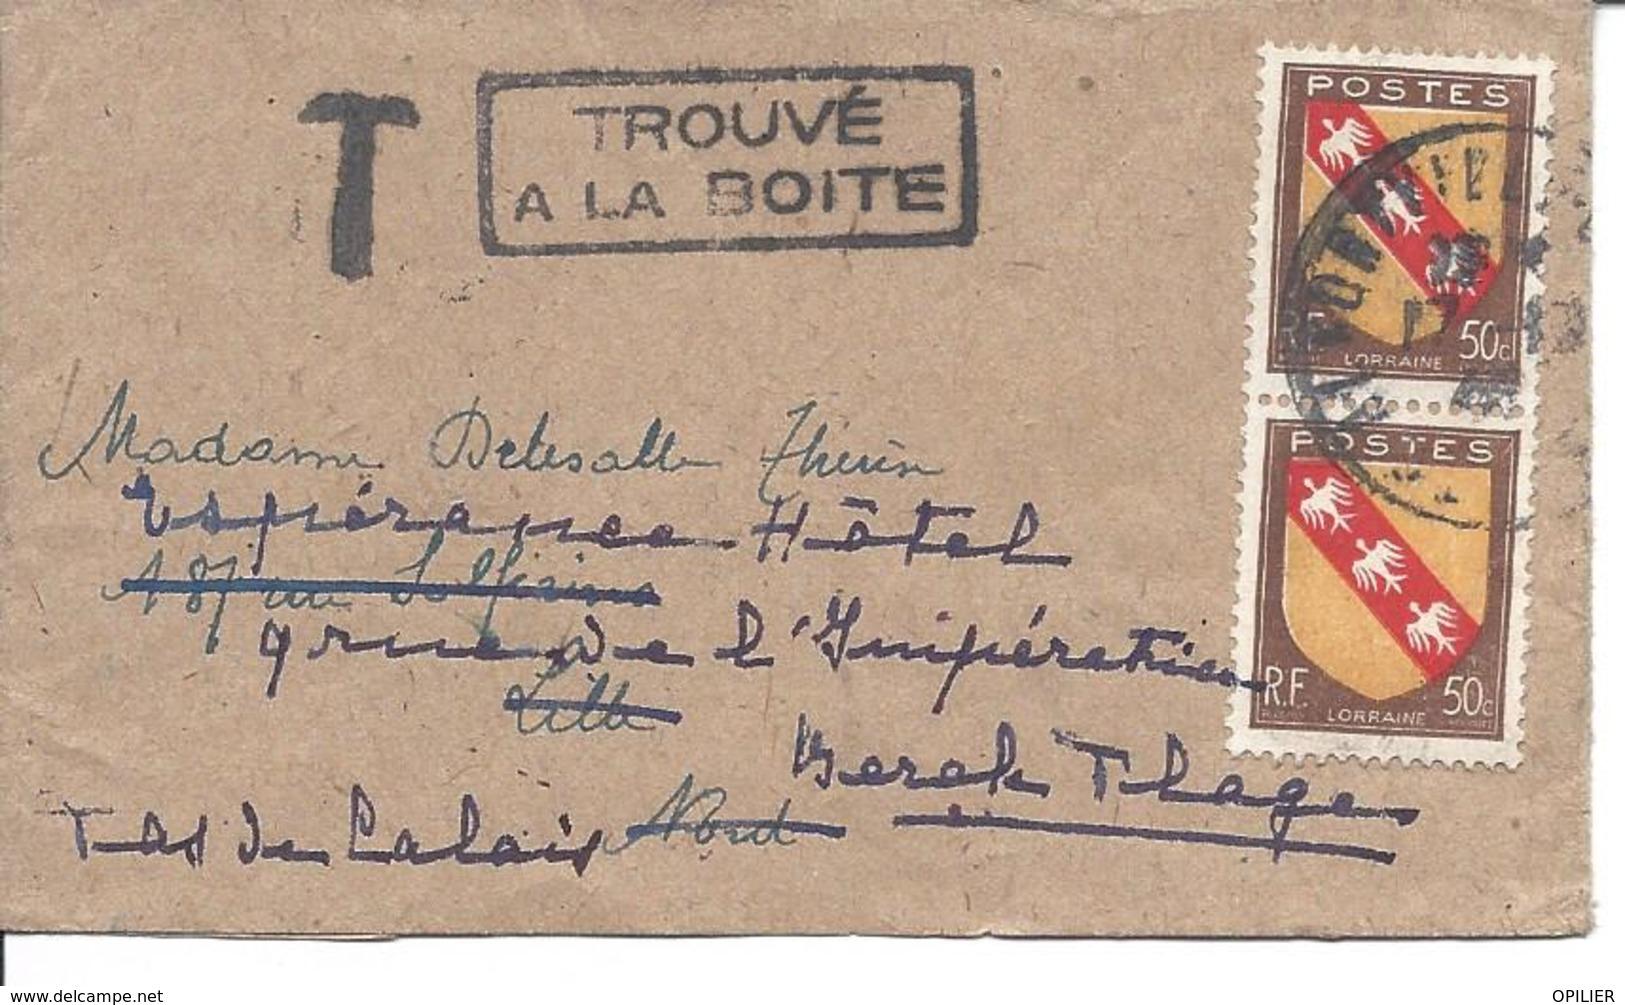 Blason De Lorraine 50c (2 Ex) Sur Bande Journal ALFORTVILLE 17 10 1946 Marques T Et TOUVE A LA BOITE Arrivée LILLE 18 10 - Lettres & Documents